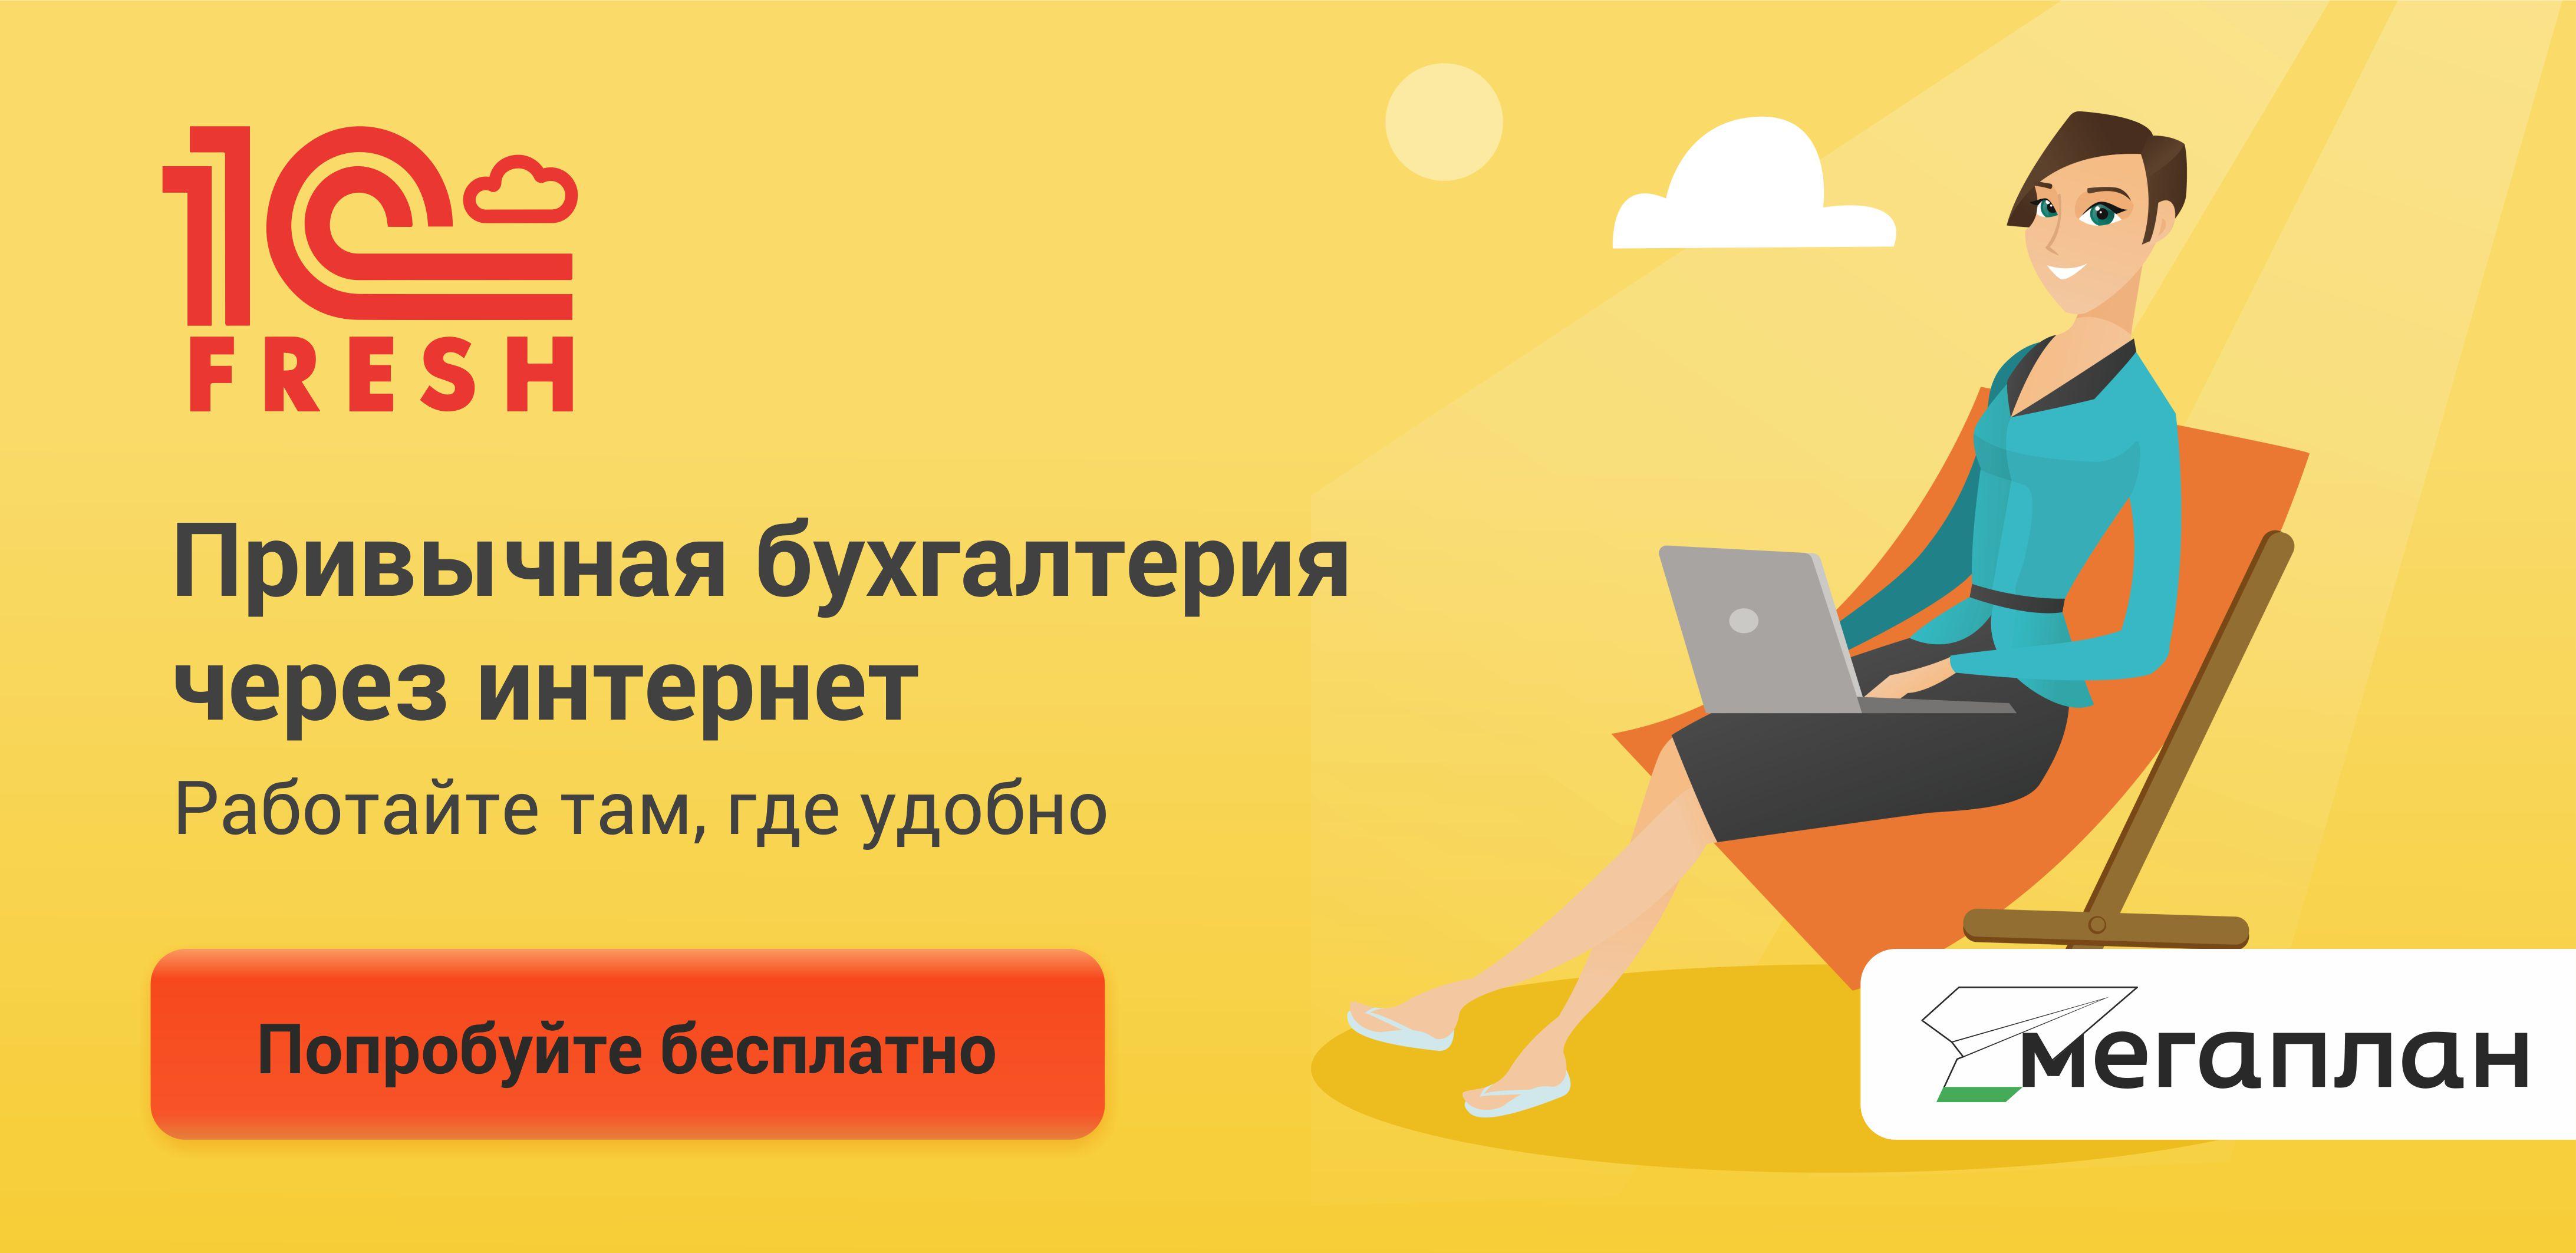 Сайт для бухгалтера онлайн бесплатно бухгалтерия бесплатные программы